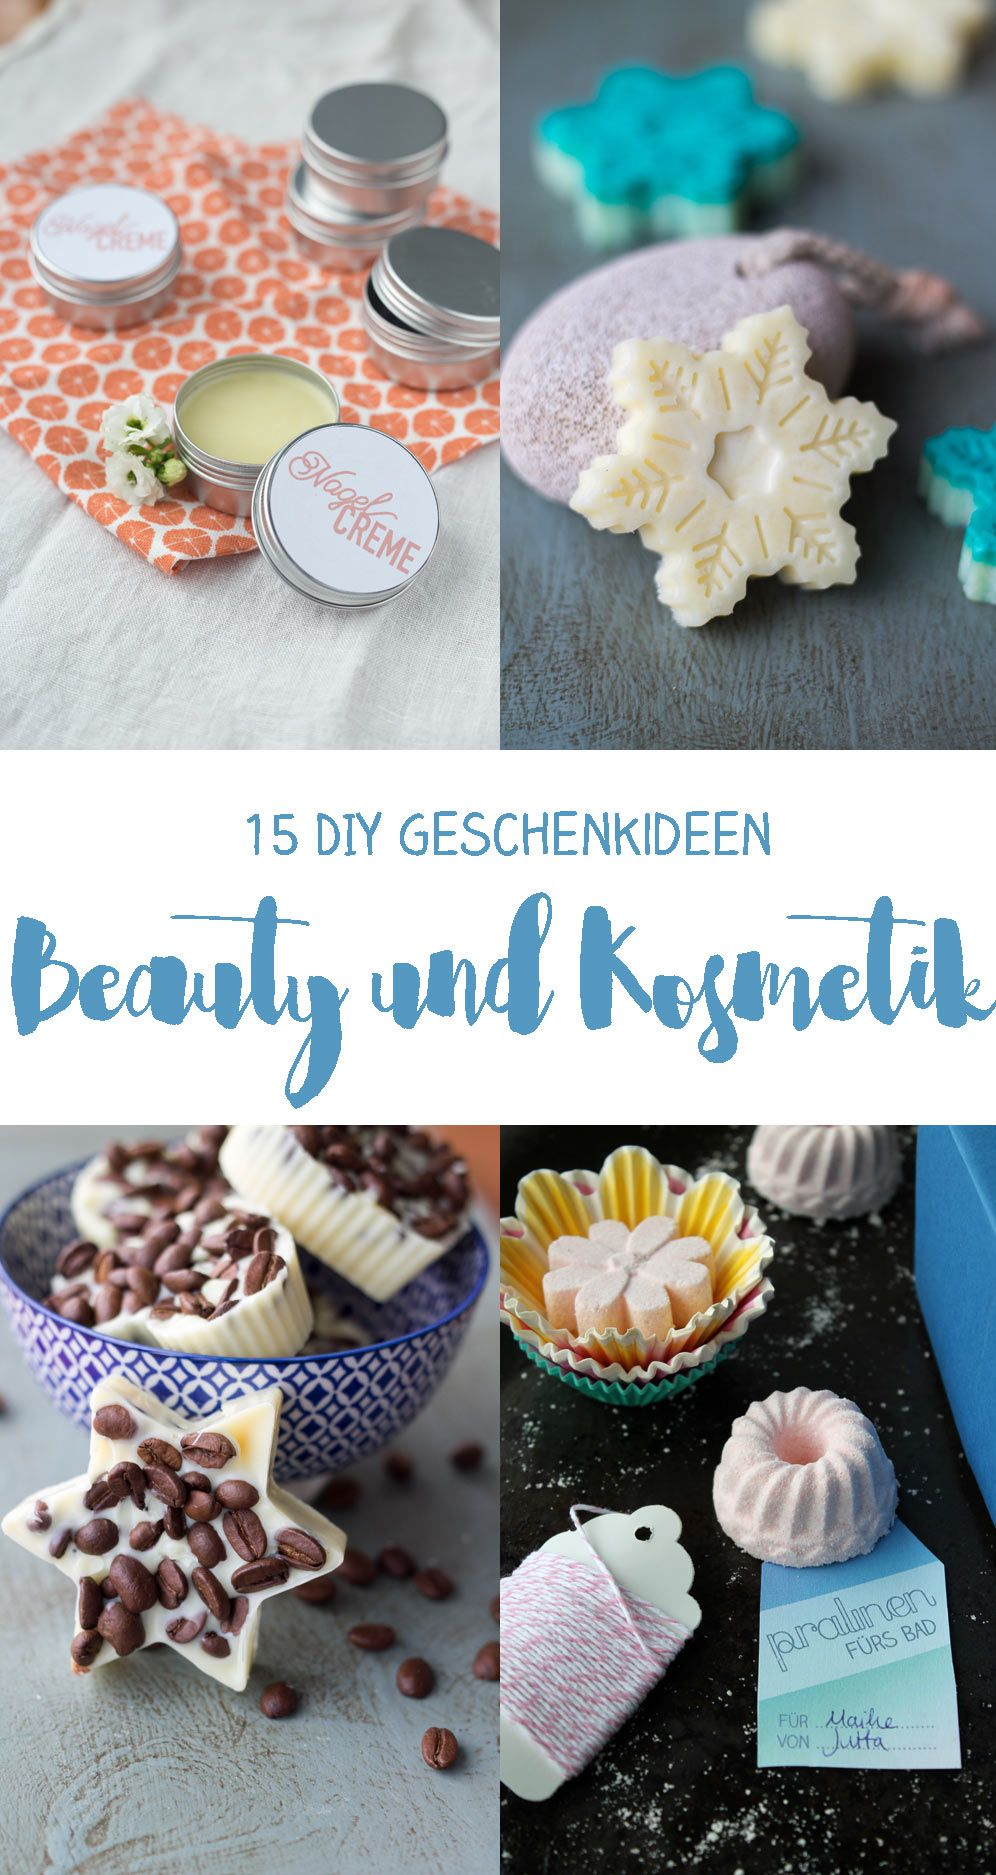 Geschenke Für 15 15 diy kosmetik geschenkideen zum selbermachen peelings